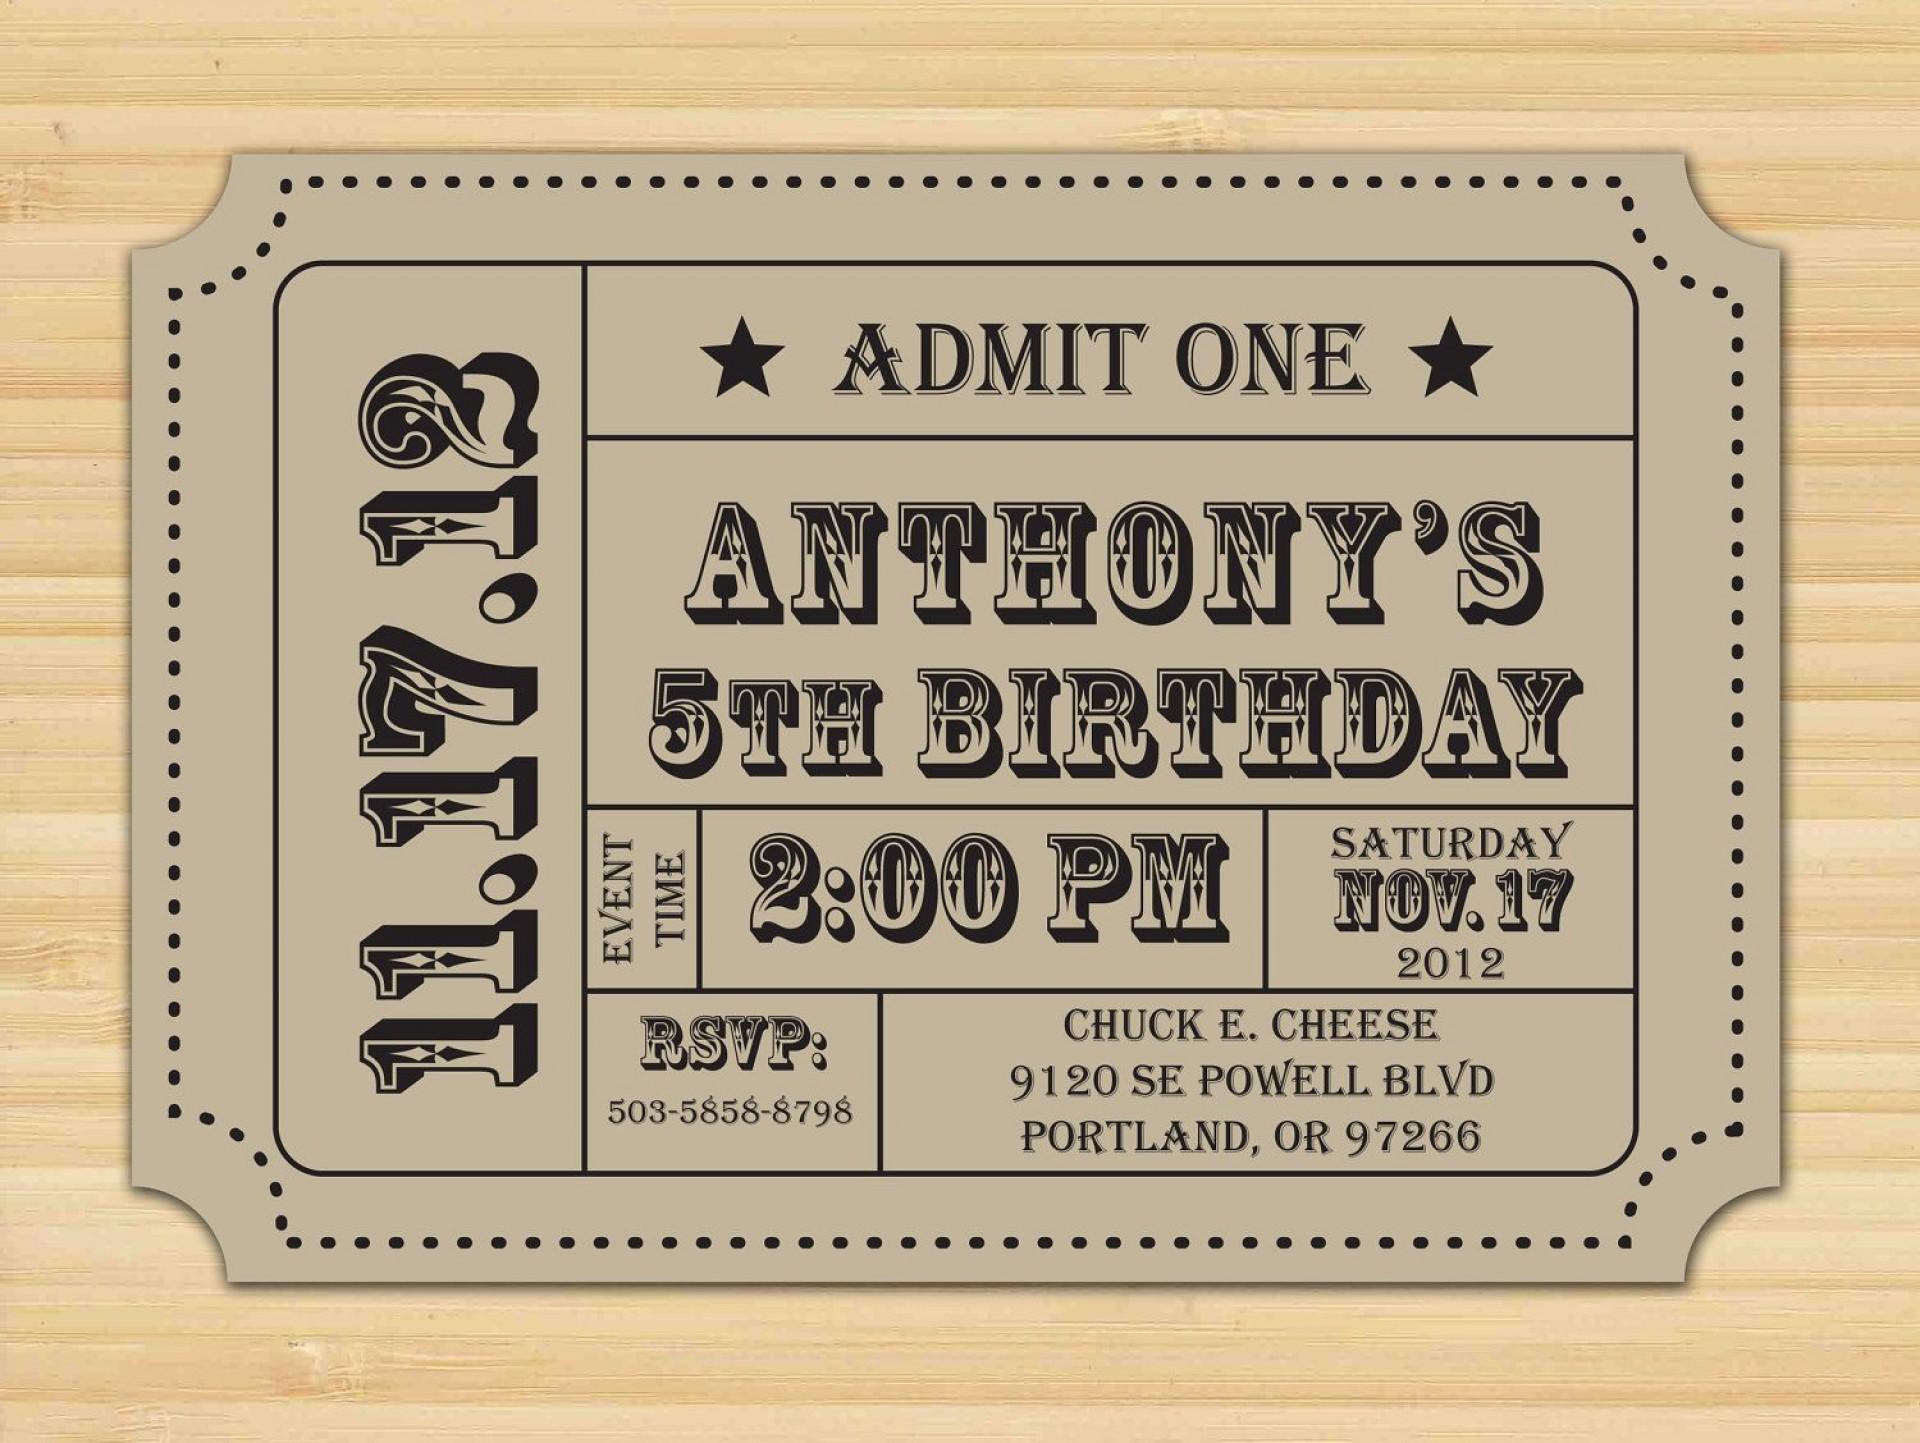 000 Singular Free Printable Ticket Stub Template Example 1920